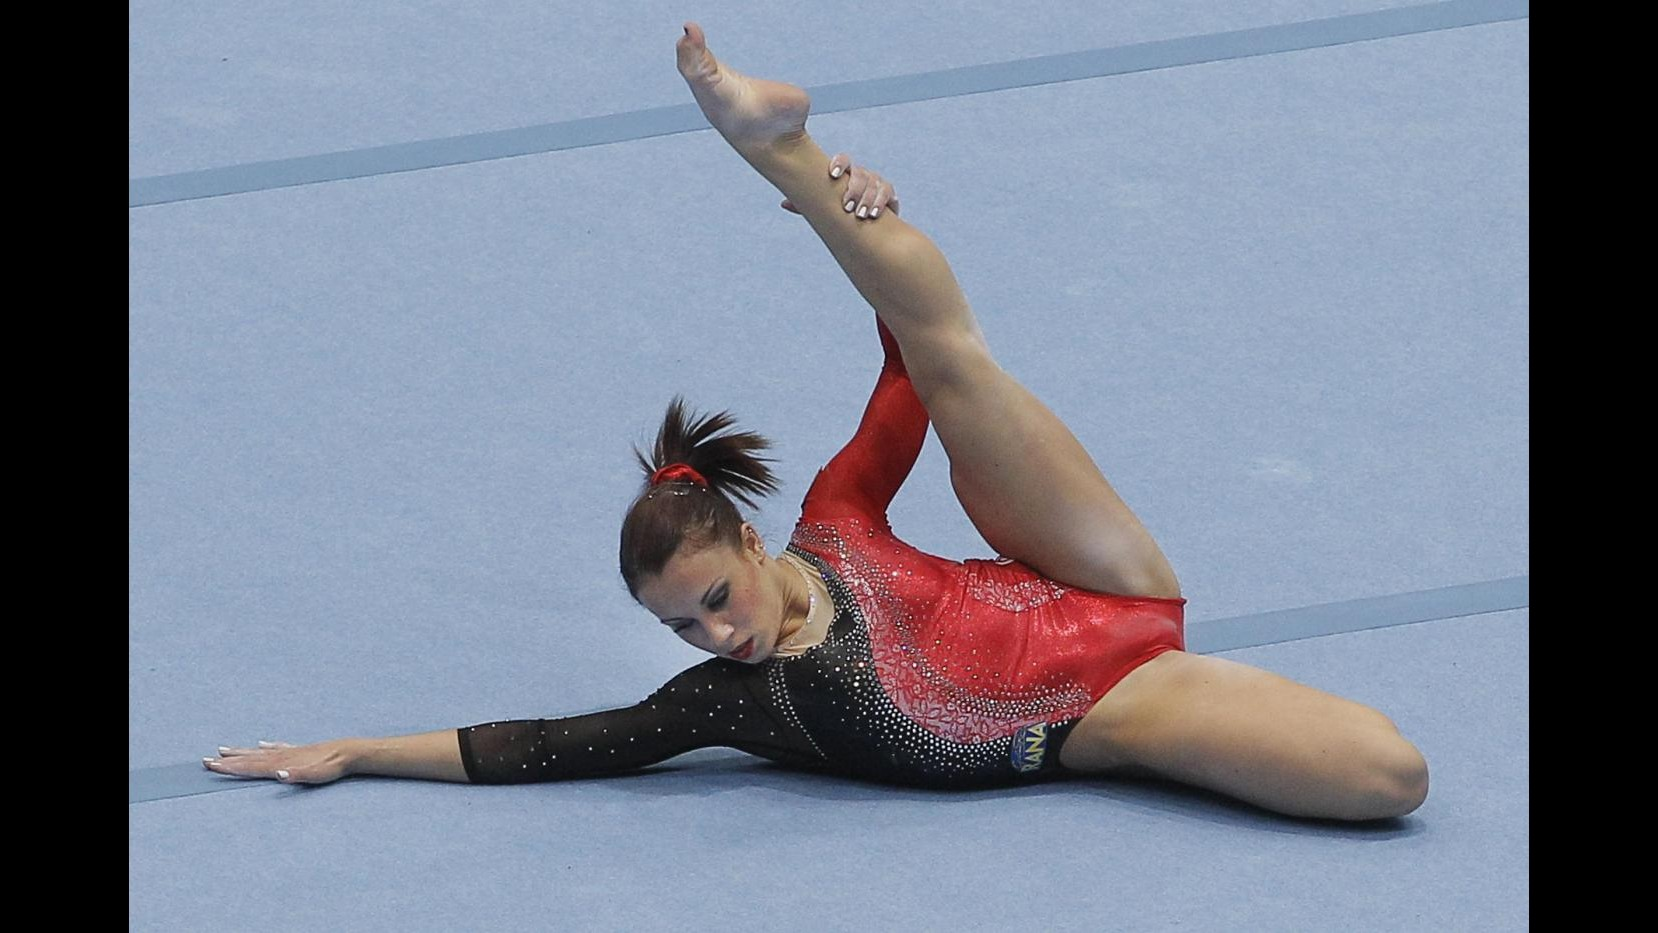 Mondiali ginnastica, Ferrari argento al corpo libero: Lo dedico alle vittime di Lampedusa